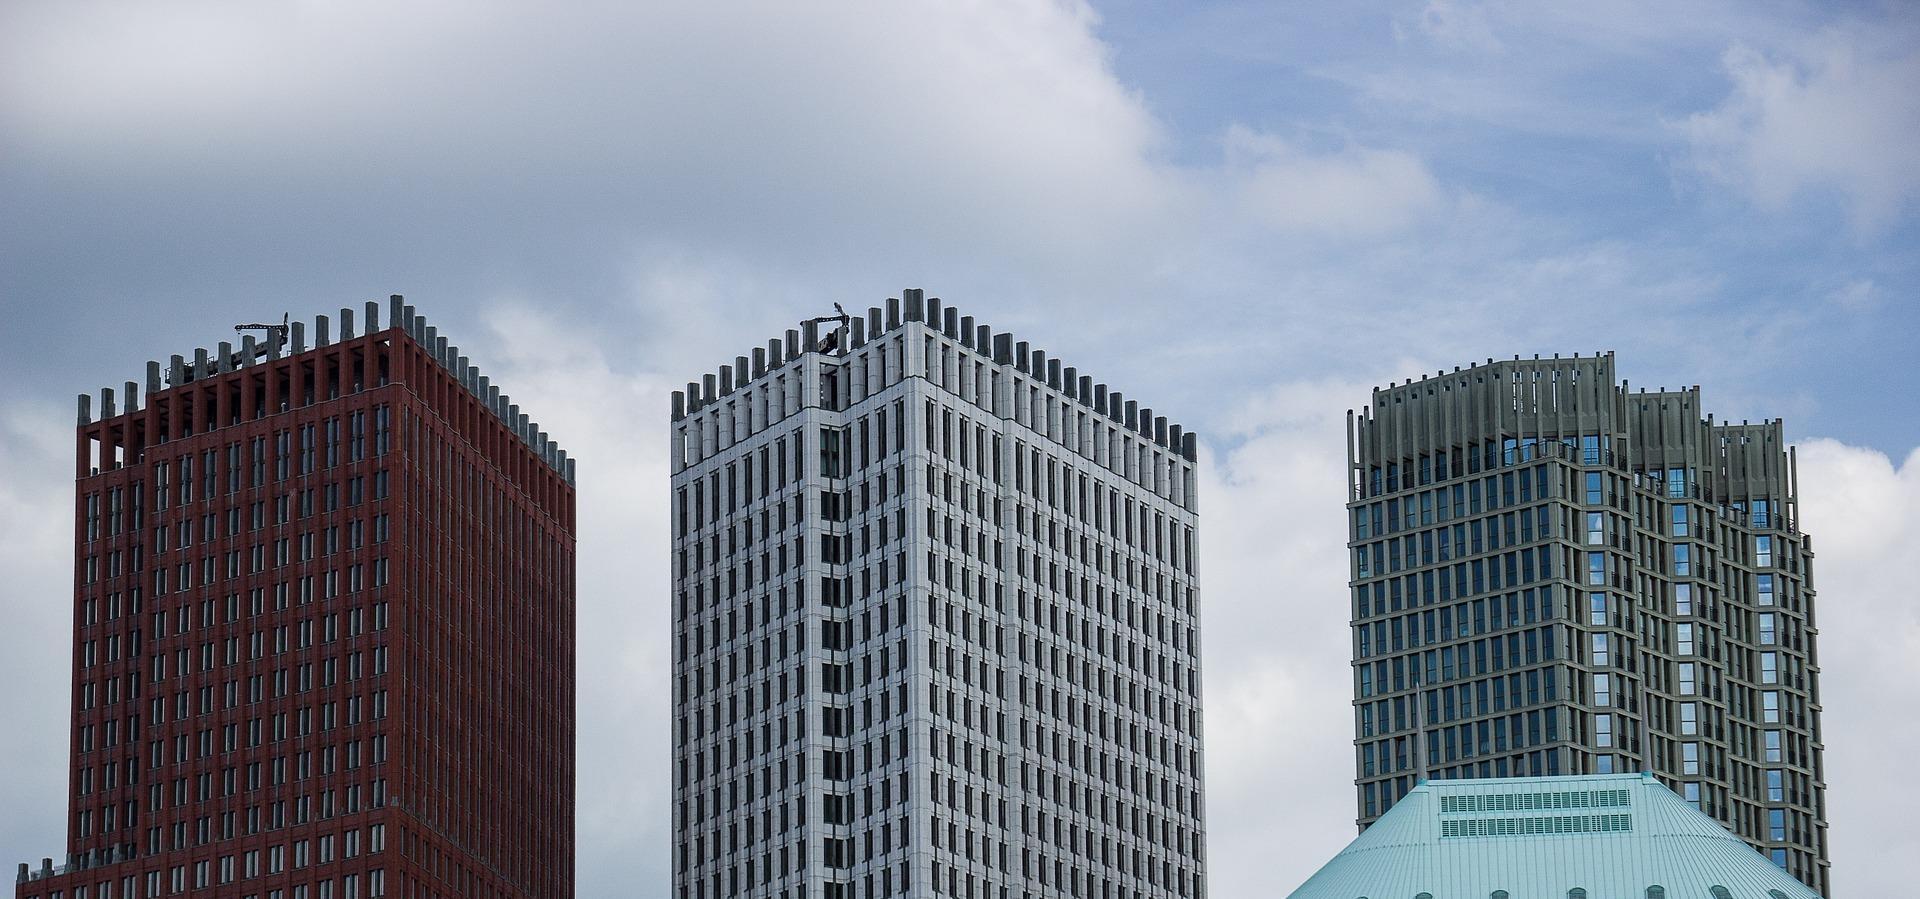 Verhuurde Huis Woning Appartement Verkopen in Den Haag